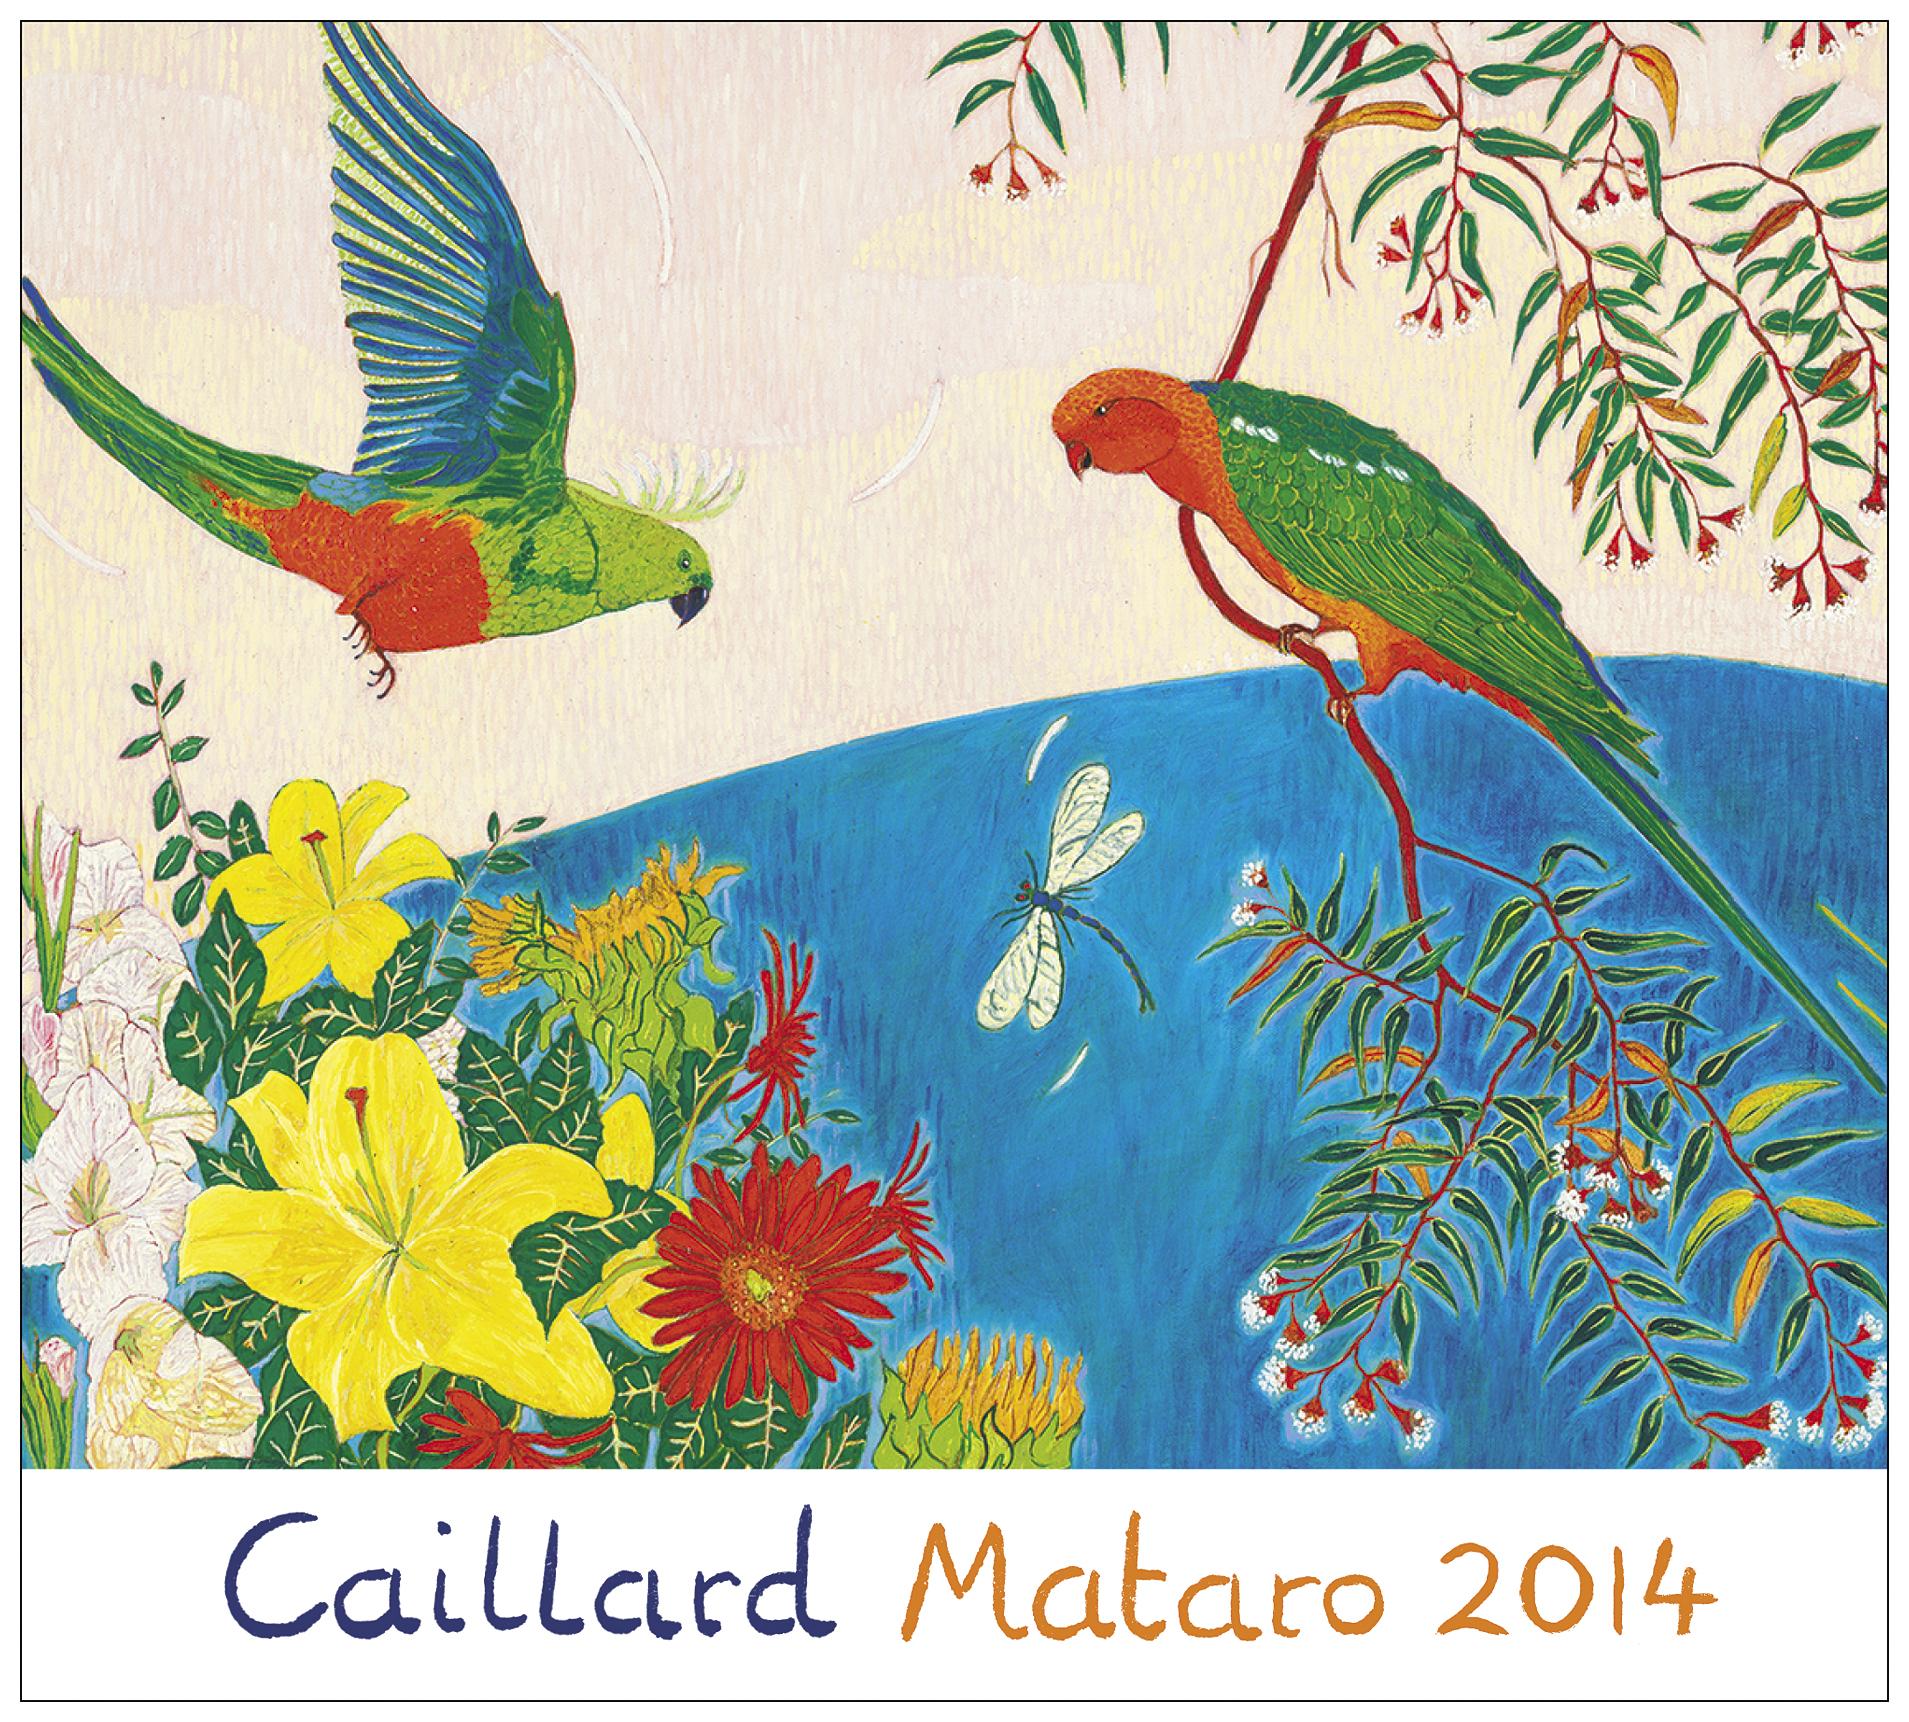 Caillard Mataro 2014